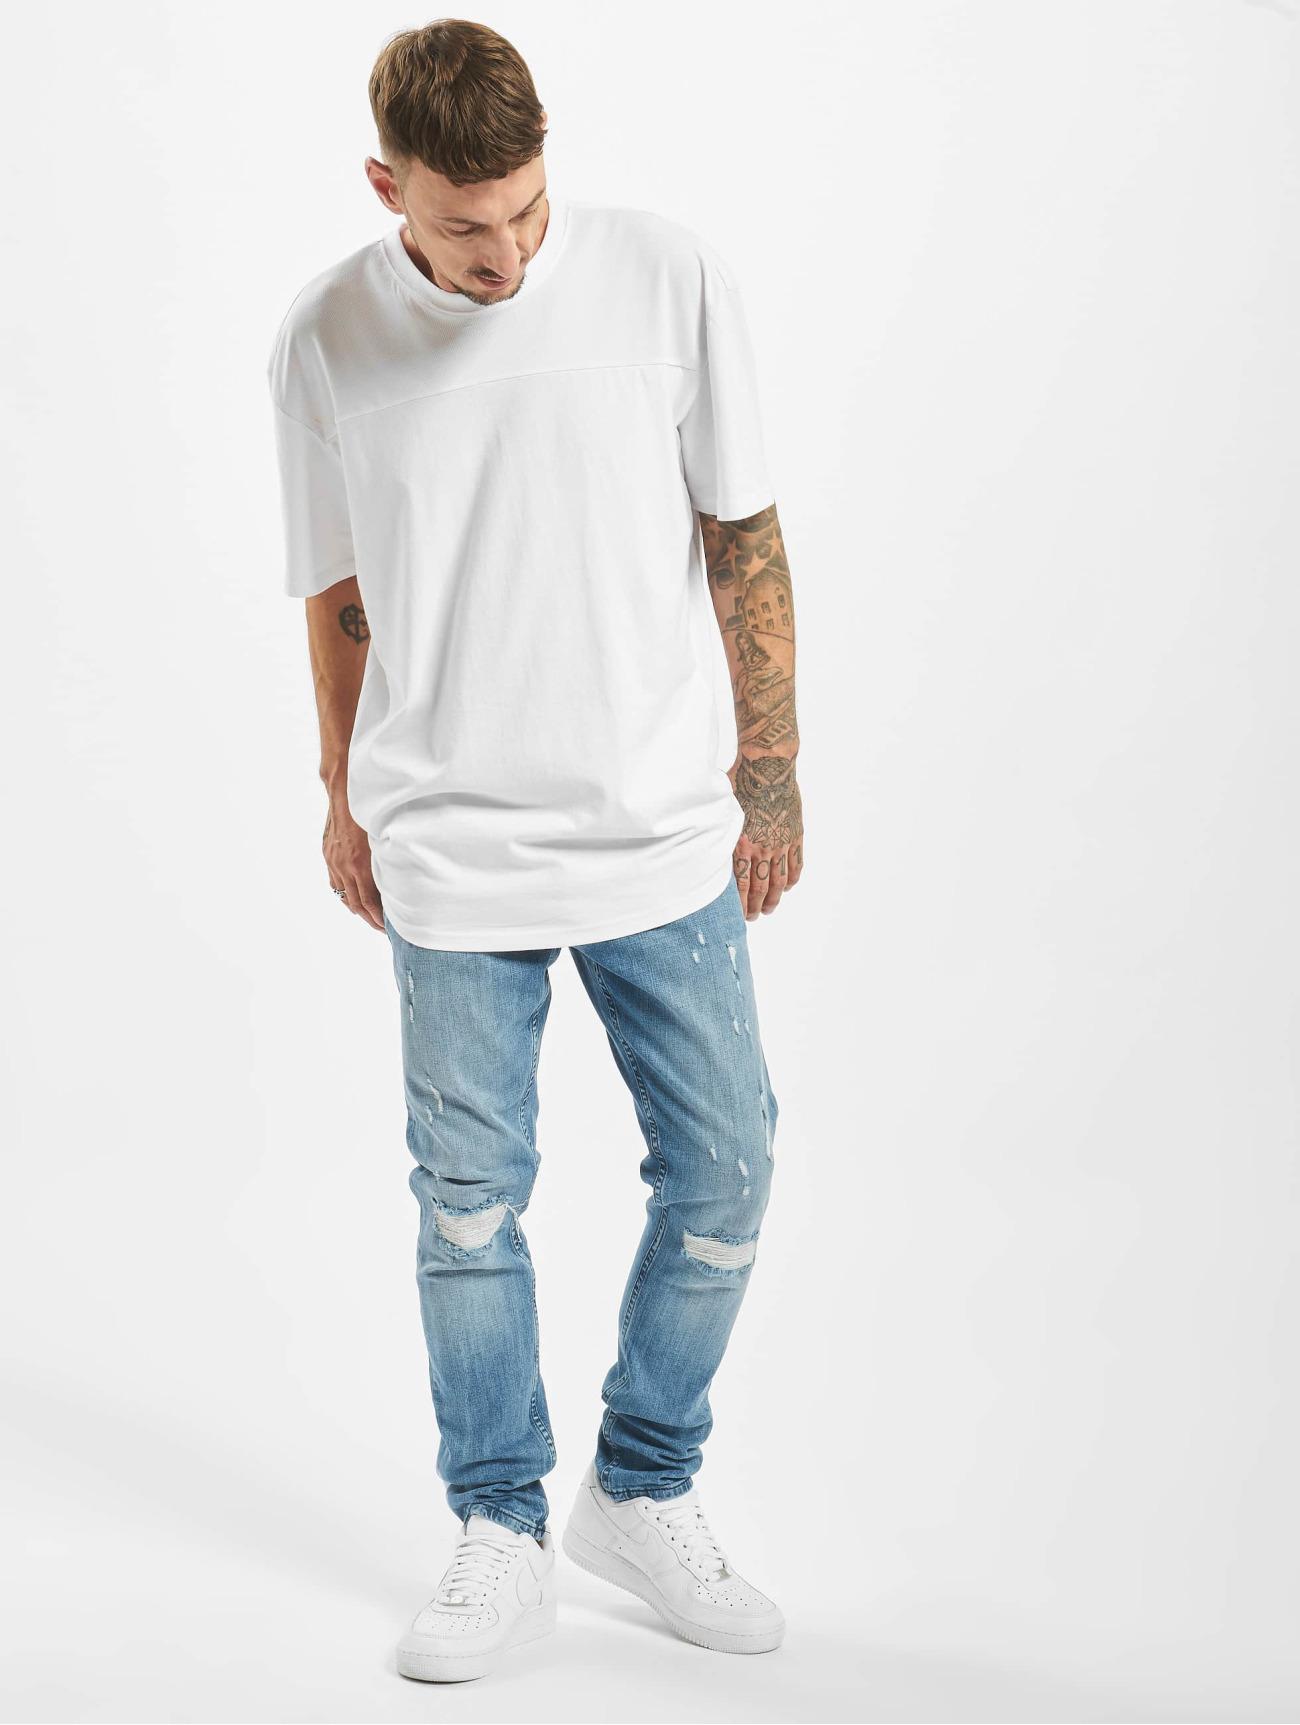 DEF Jeans / Slim Fit Jeans Wes  i blå 657895 Män Jeans